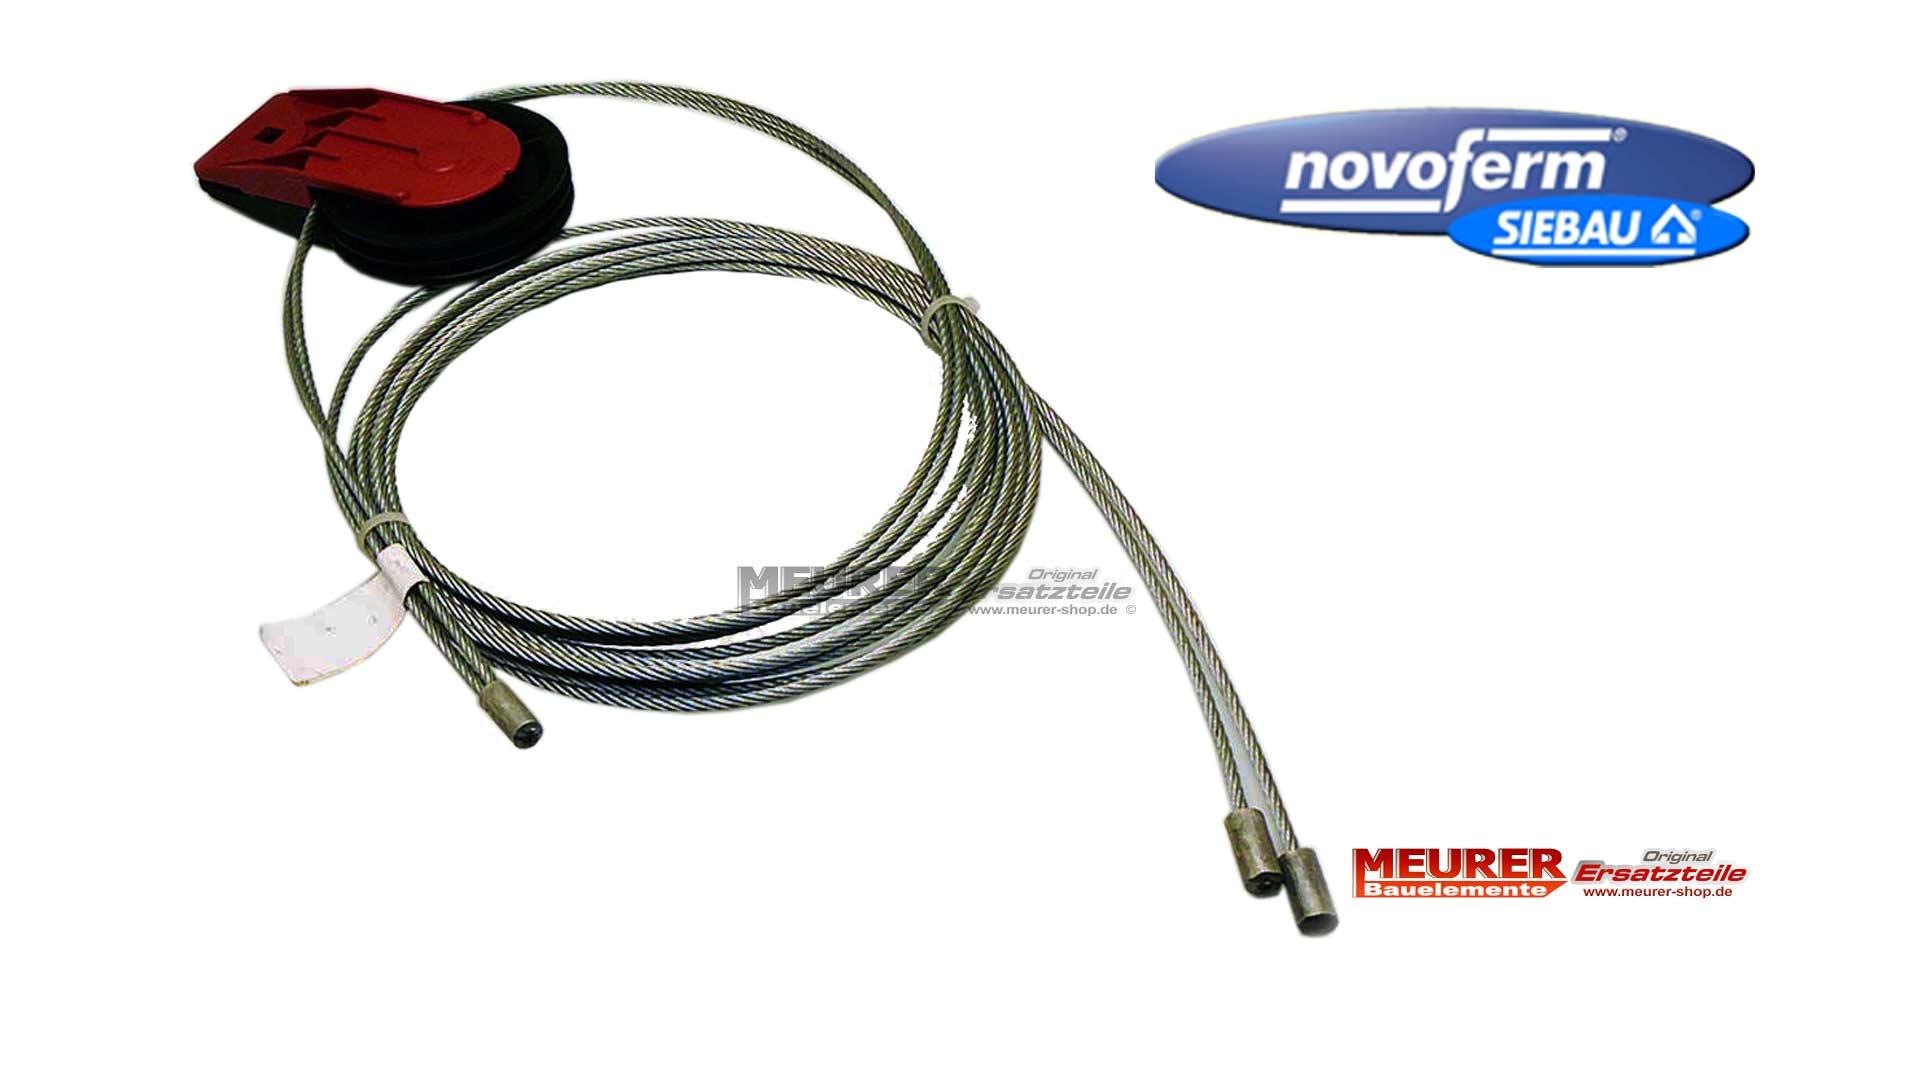 Seilumlenkrolle mit Drahtseile Novoferm Siebau Sektionaltor ISO 9/20 ...